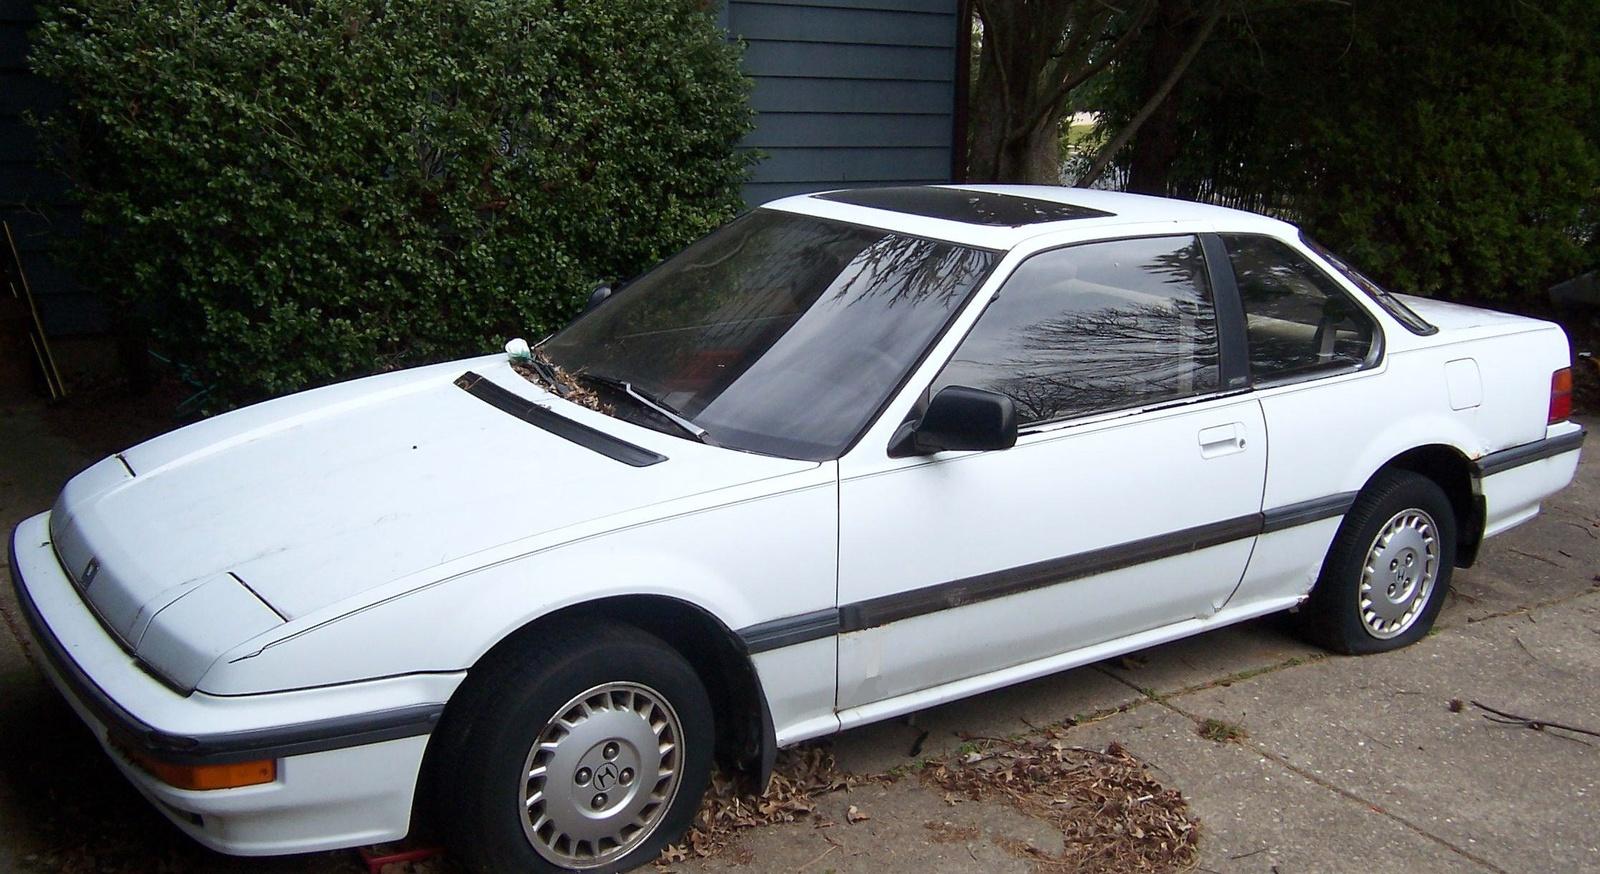 1989 Acura Integra >> 1988 Honda Prelude - Pictures - CarGurus